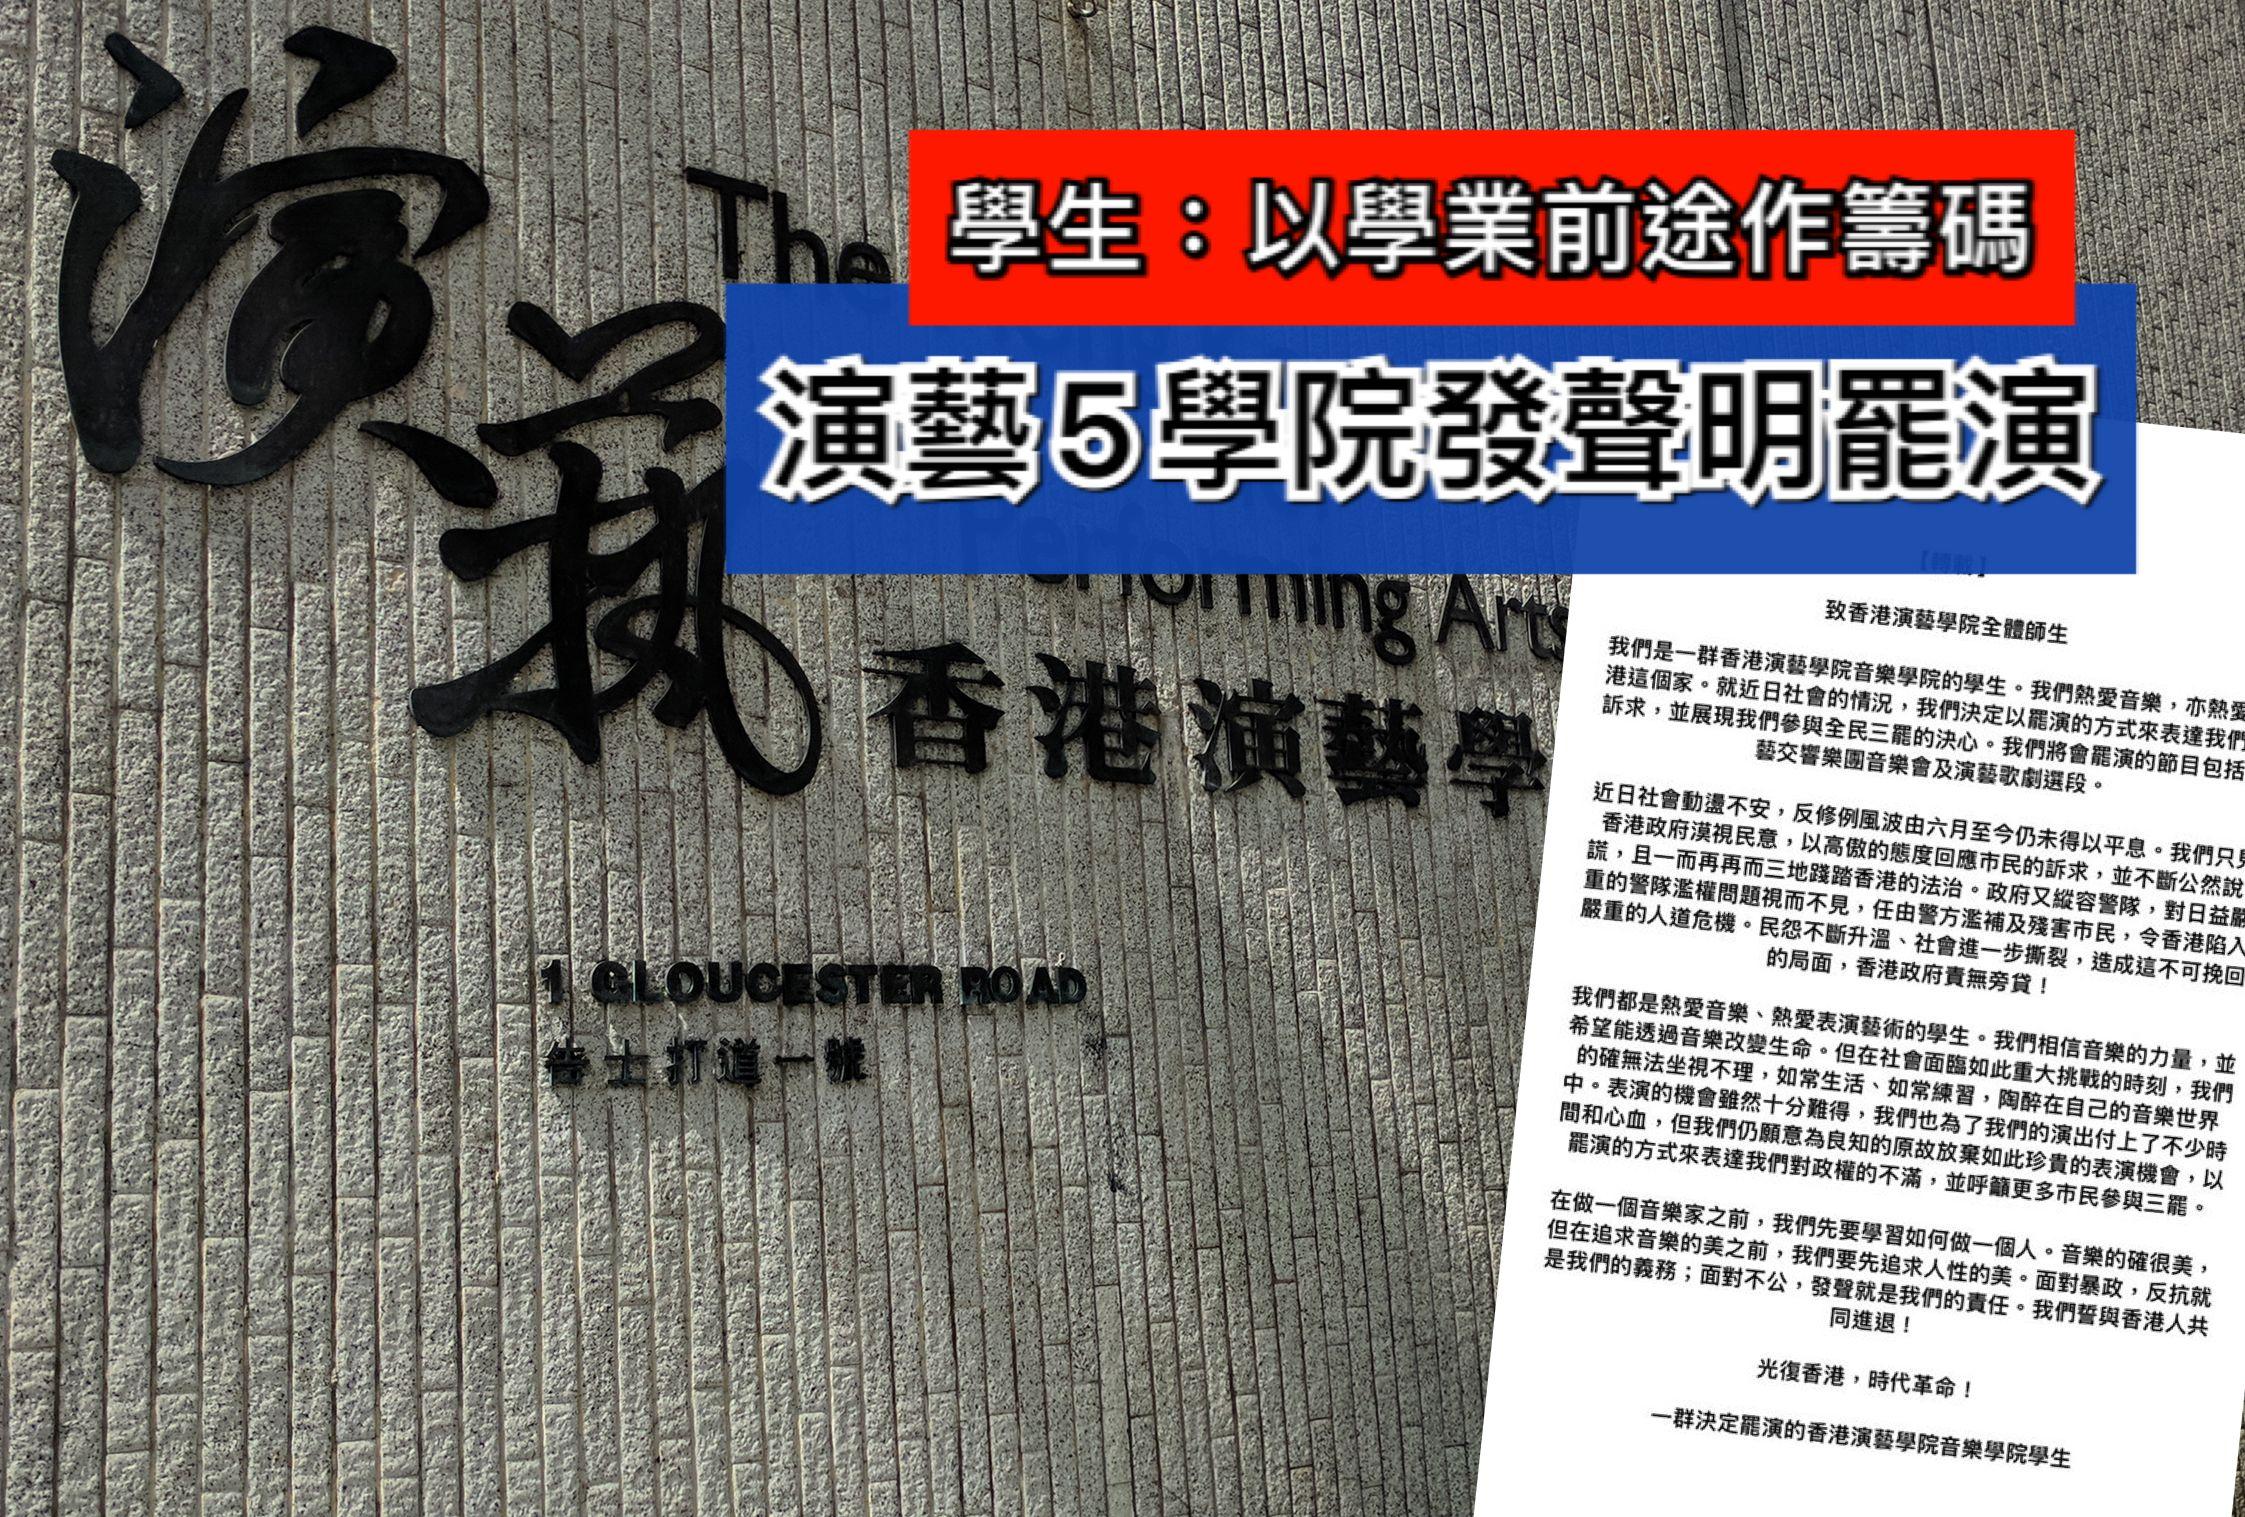 【修例風波】演藝5學院罷演罷拍 表達對政權不滿